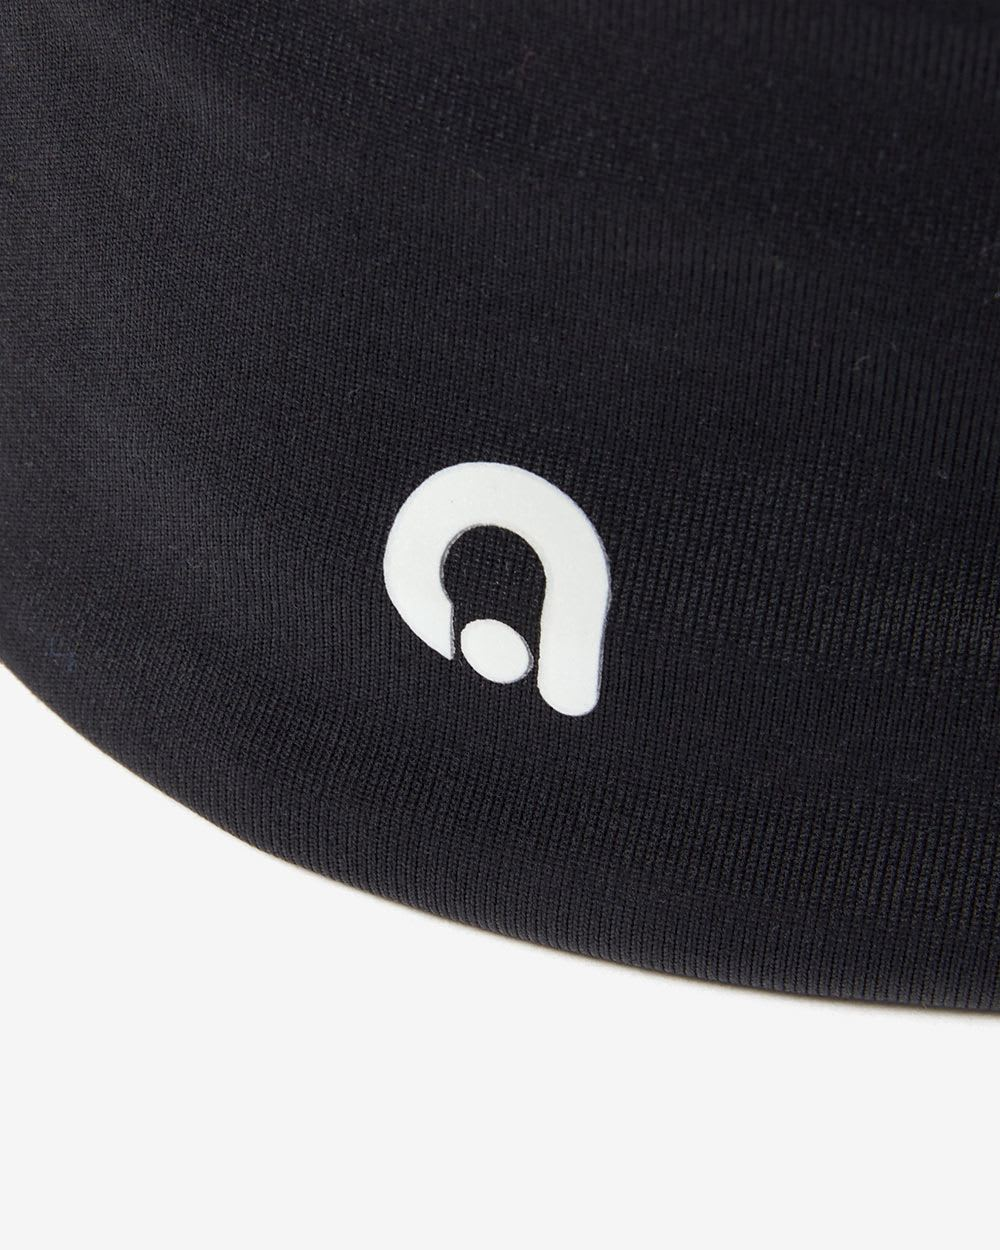 Hyba Two-Strap Headband